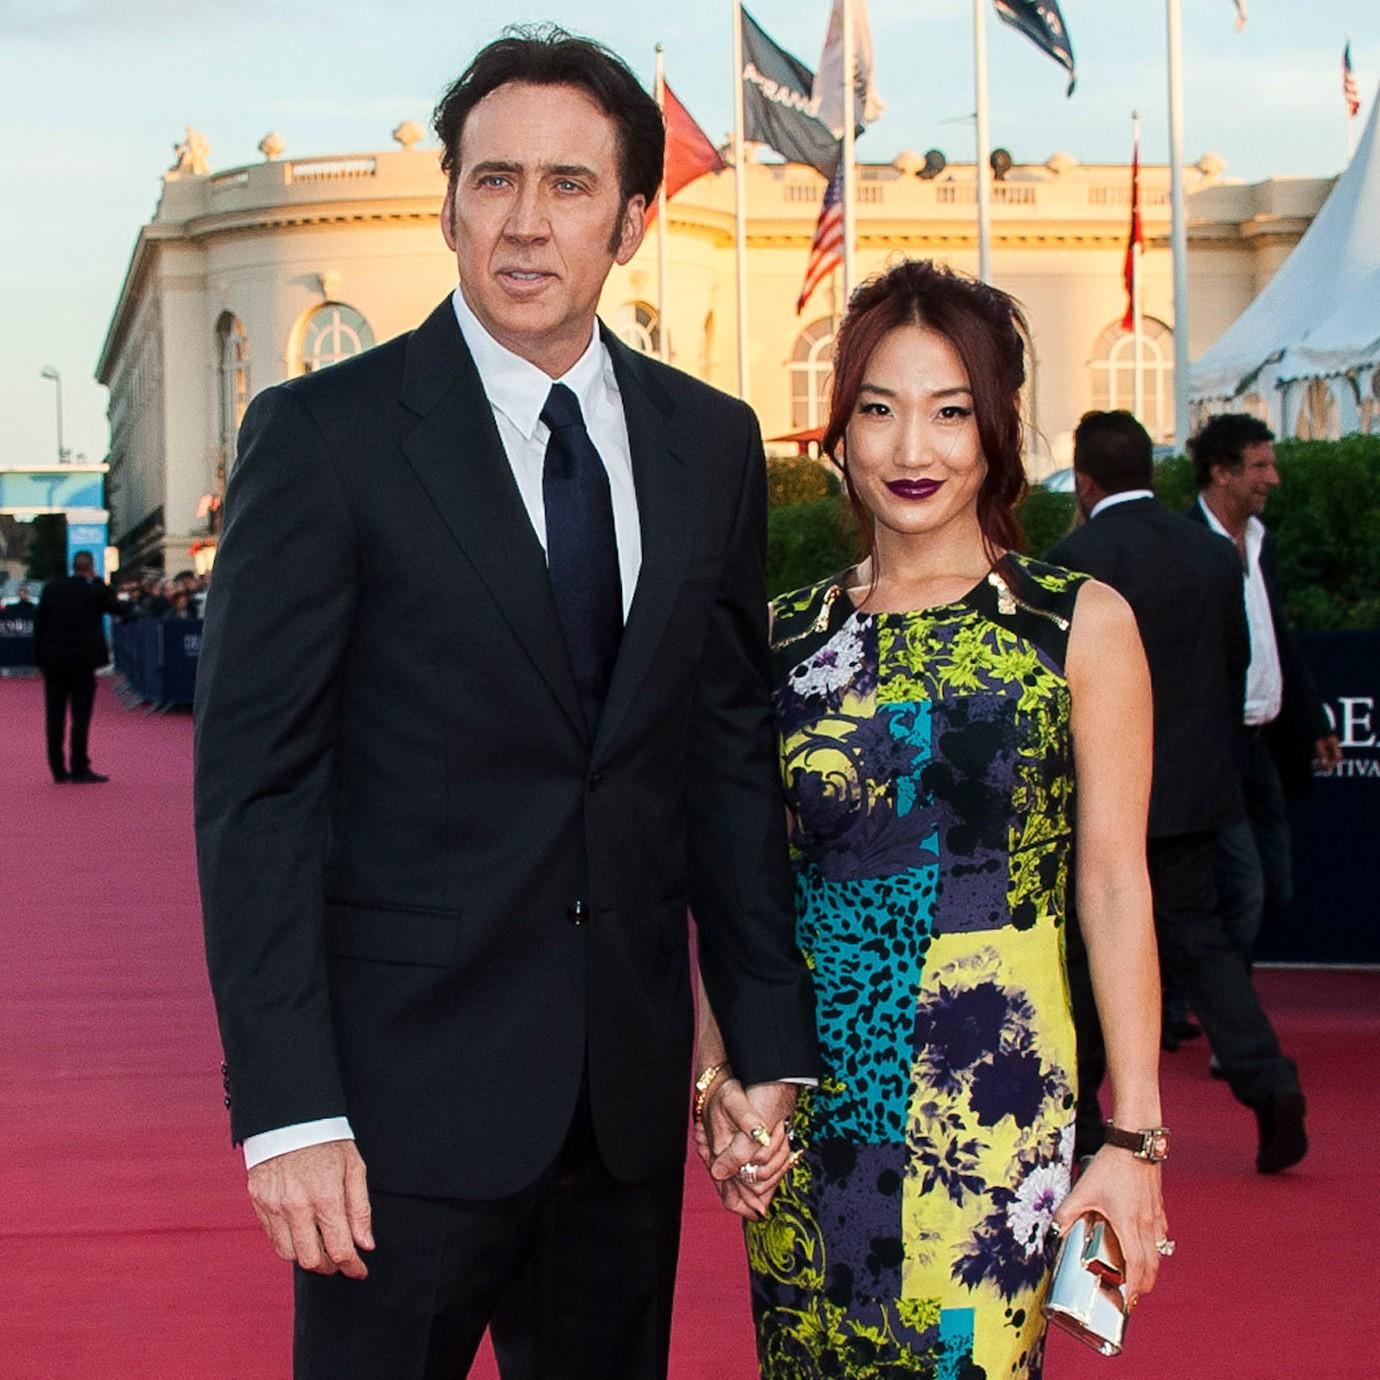 Nicolas Cage está casado já há uma década com a ex-garçonete Alice Kim. Eles subiram ao altar depois de namorar por dois meses. (Foto: Getty Images)